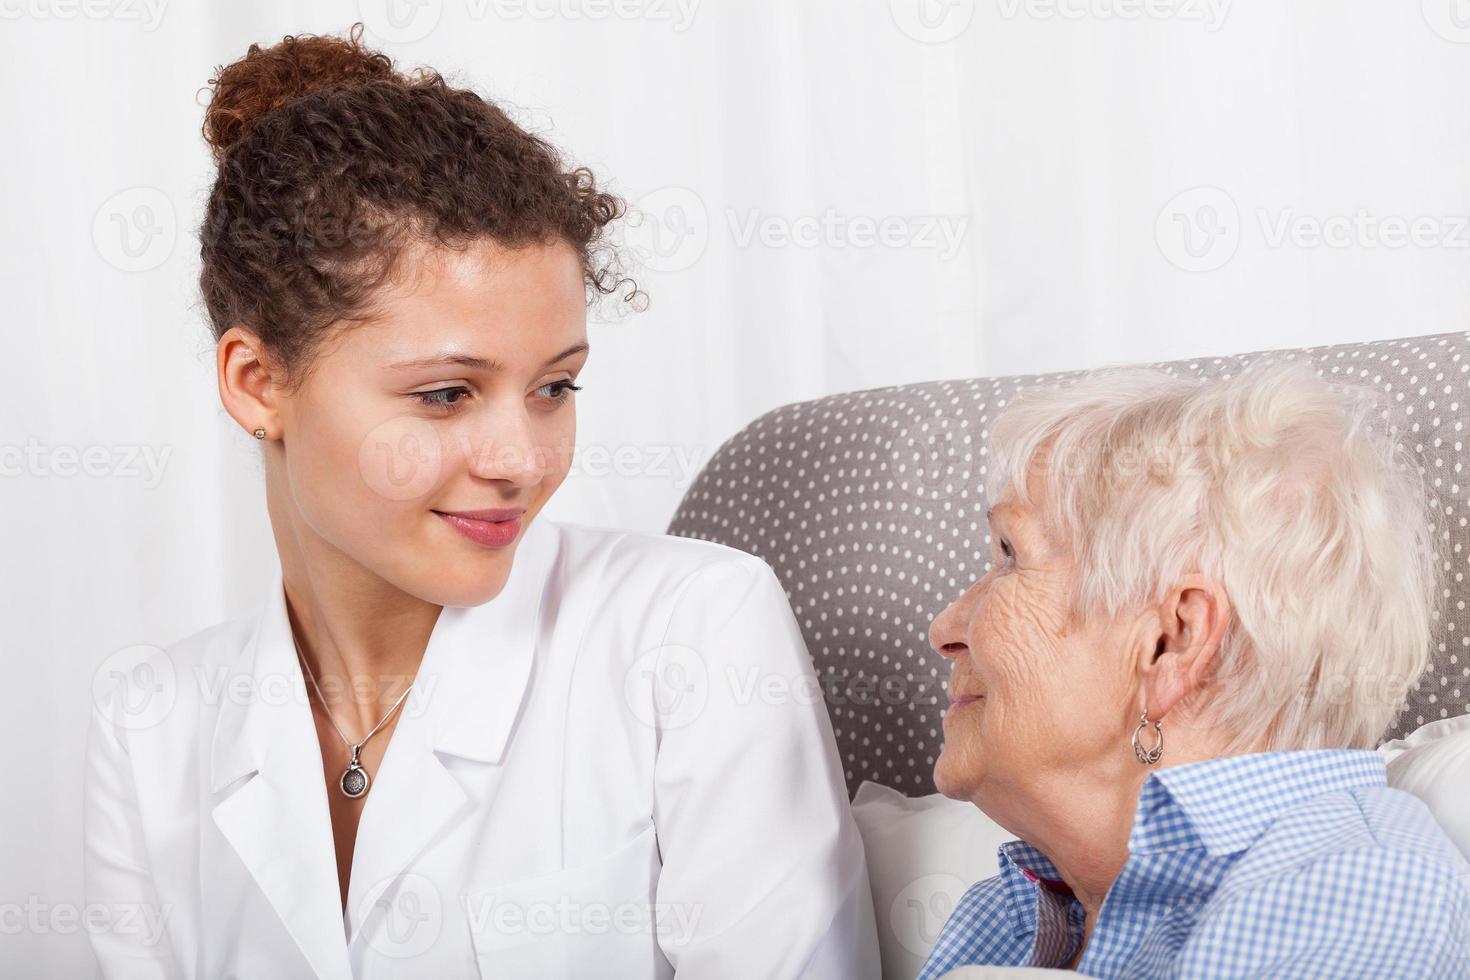 volwassen dame en verpleegster lachend samen foto